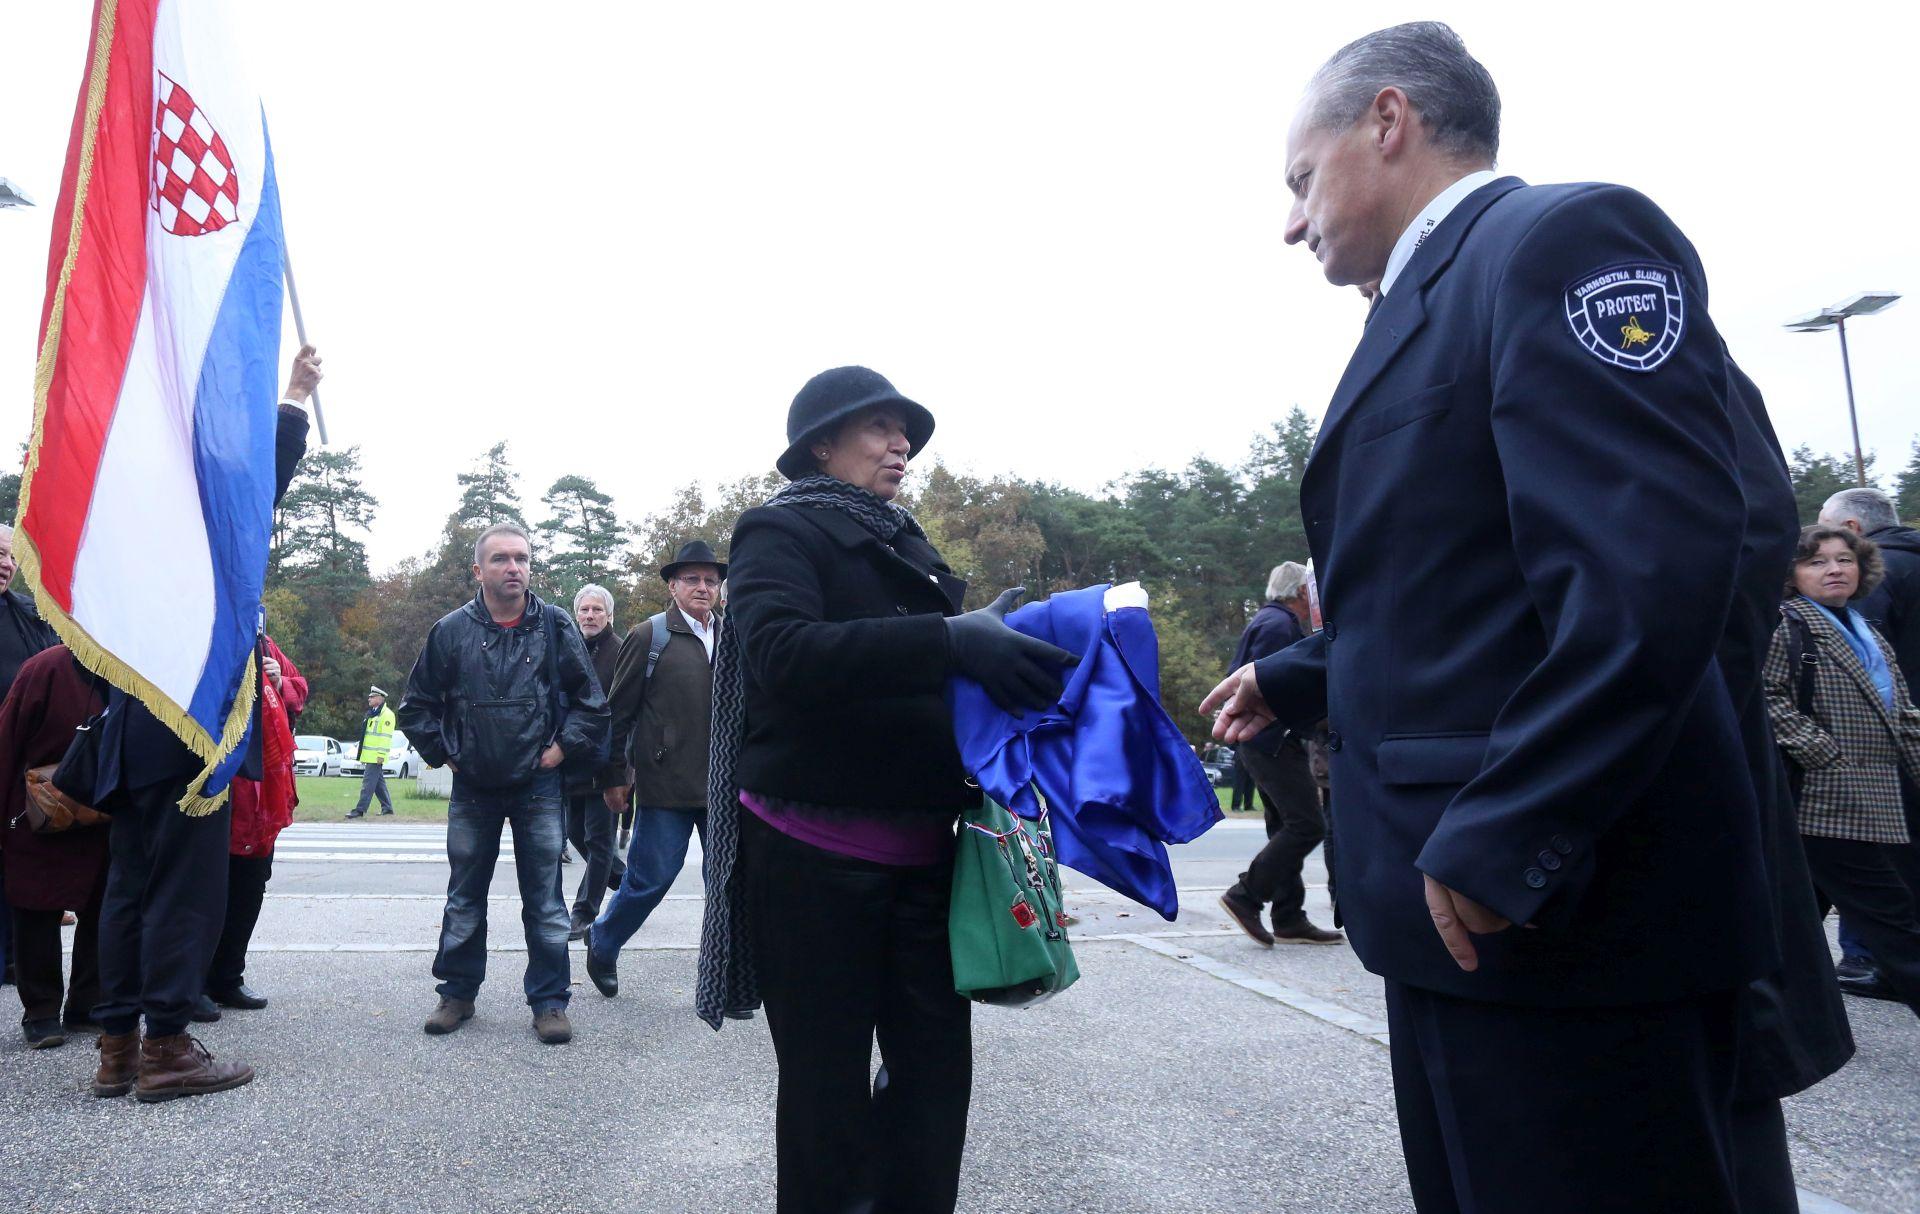 SLOVENIJA Pogrebni obred u Mariboru početak pomirbe, ideološke razlike ostaju